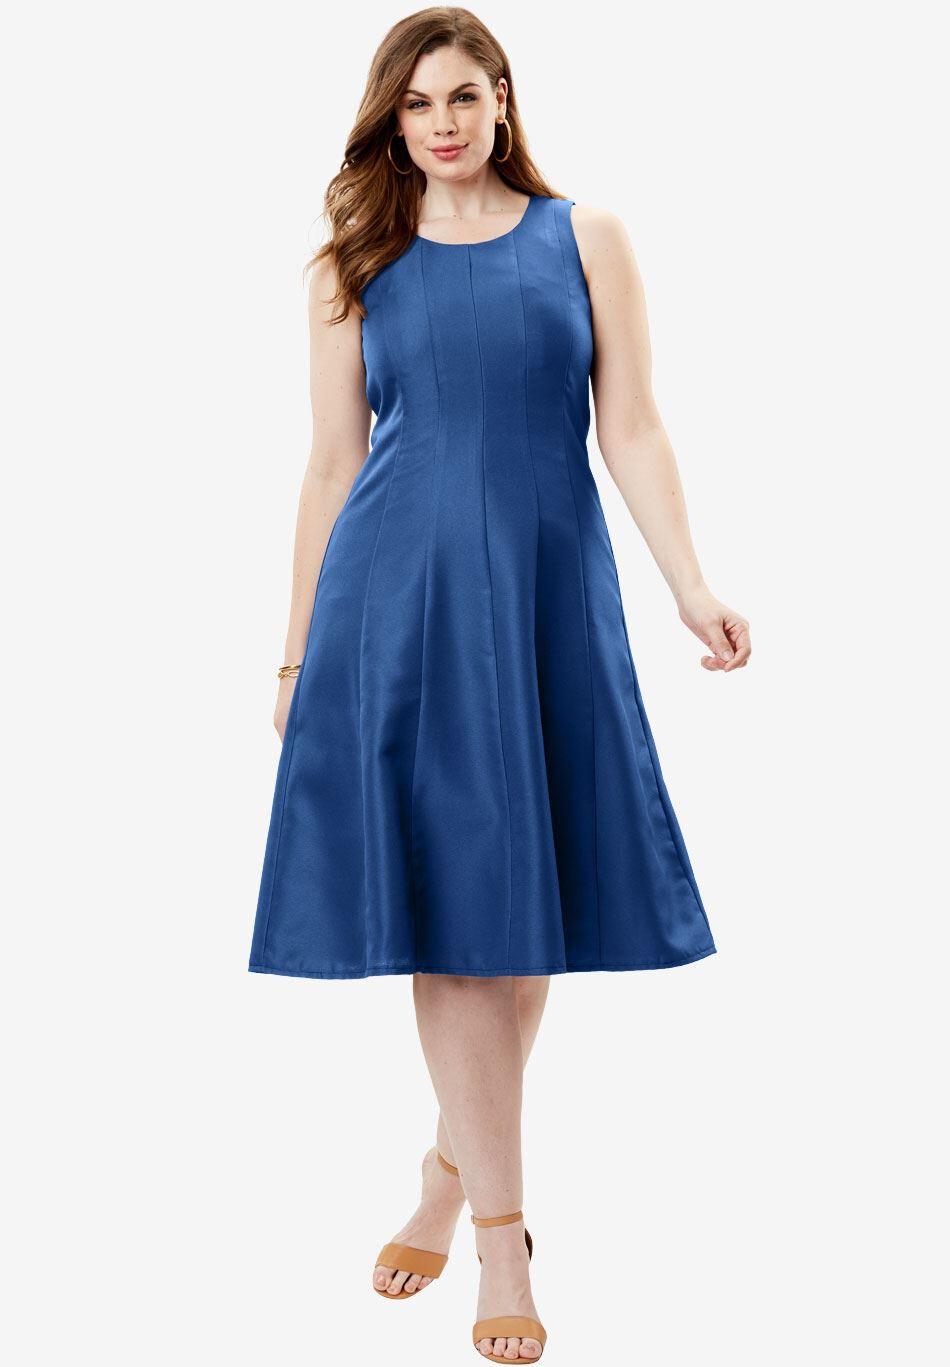 Plus Size Jacket Dresses for Women